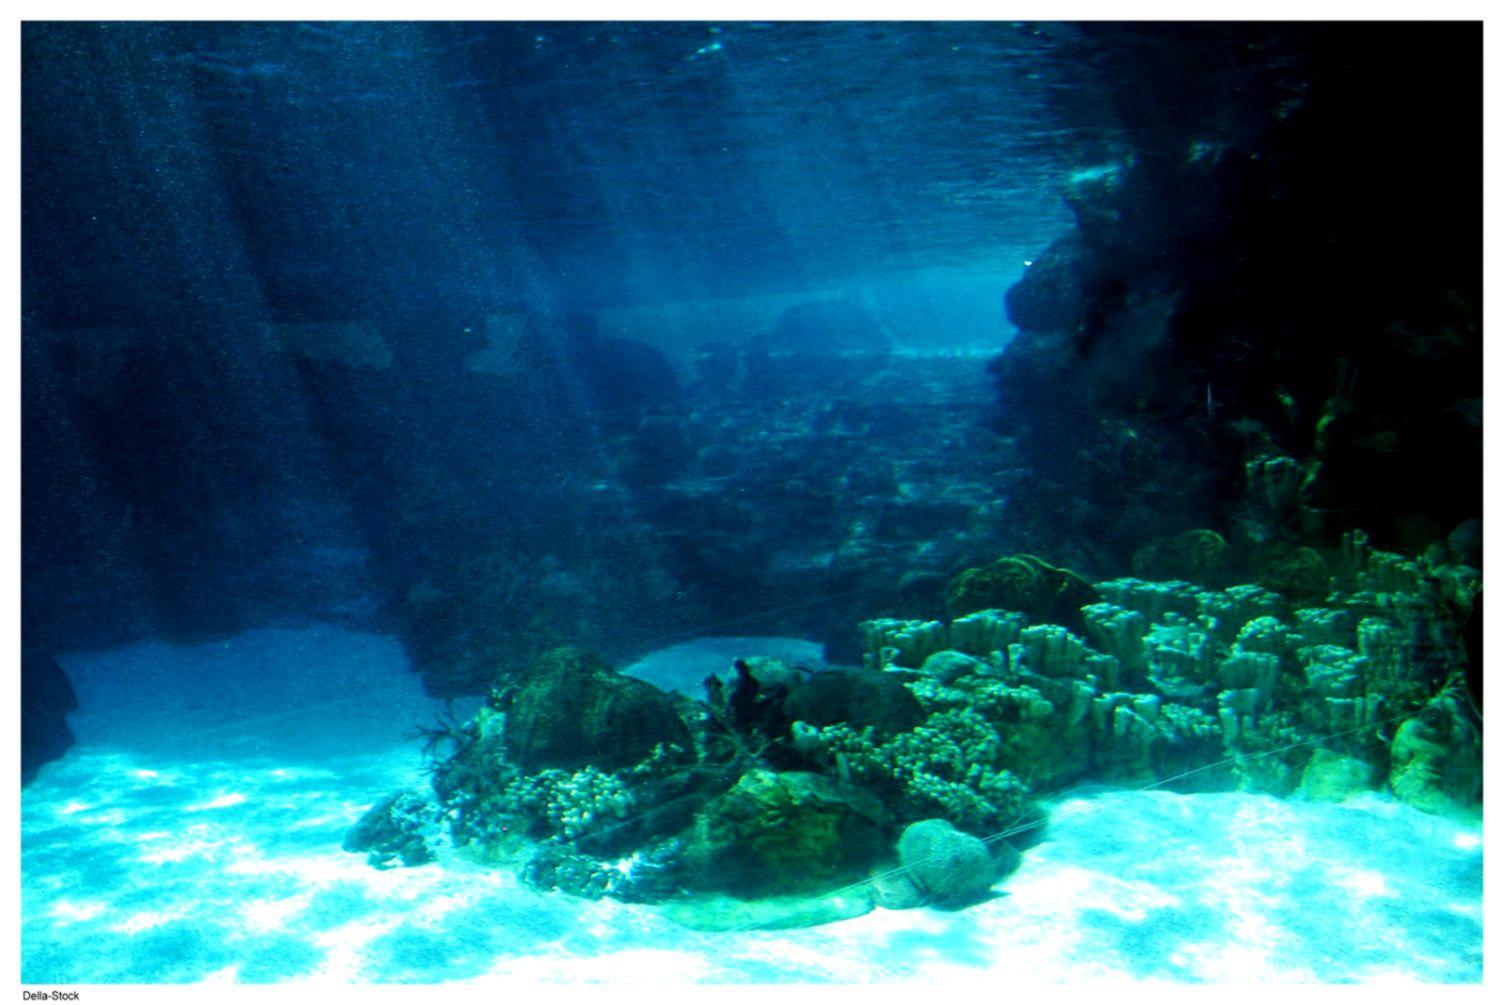 Underwater Ocean Floor Light Wallpaper Hd Desktop Wallpapers Beautiful